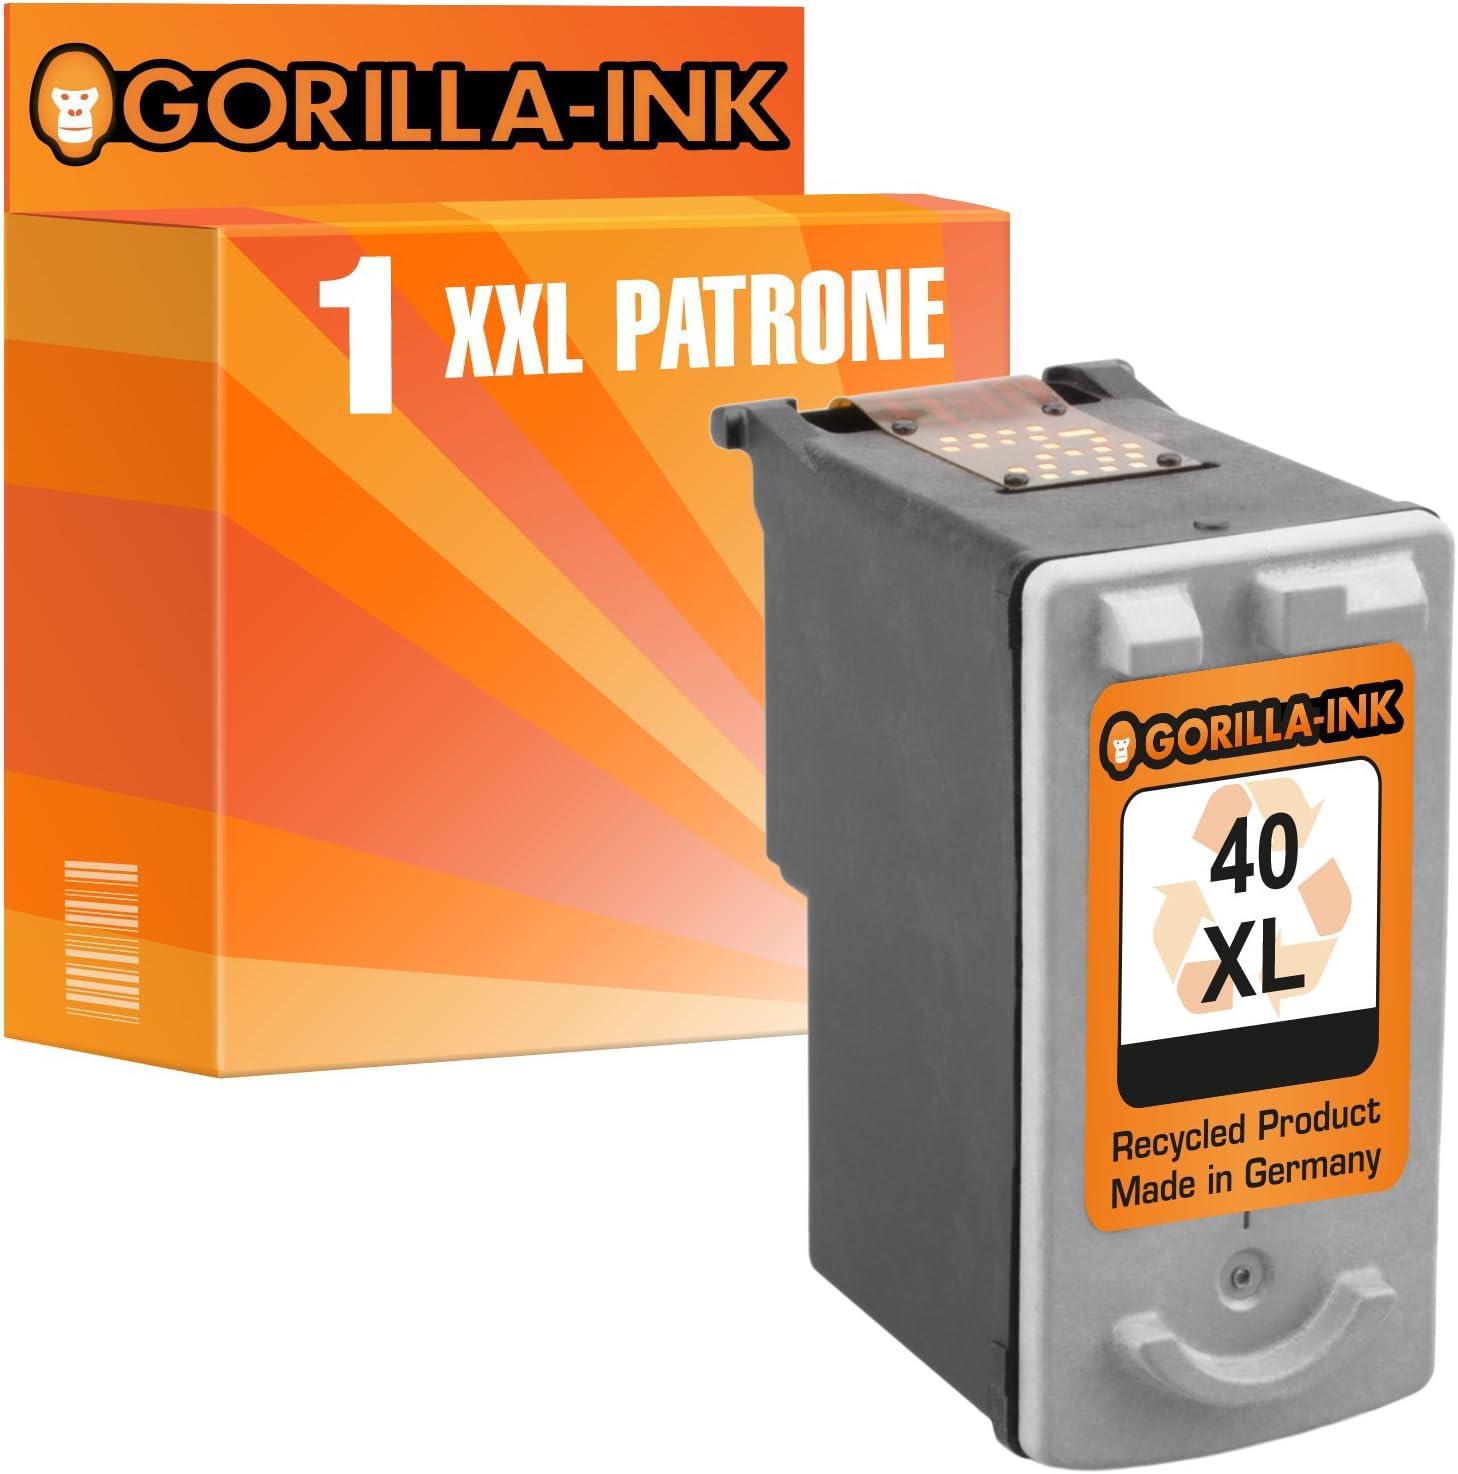 Gorilla-Ink - Cartuchos de Tinta compatibles con Canon PG-40 XL y CL-41 XL, Color Negro (01) 1x Black: Amazon.es: Electrónica